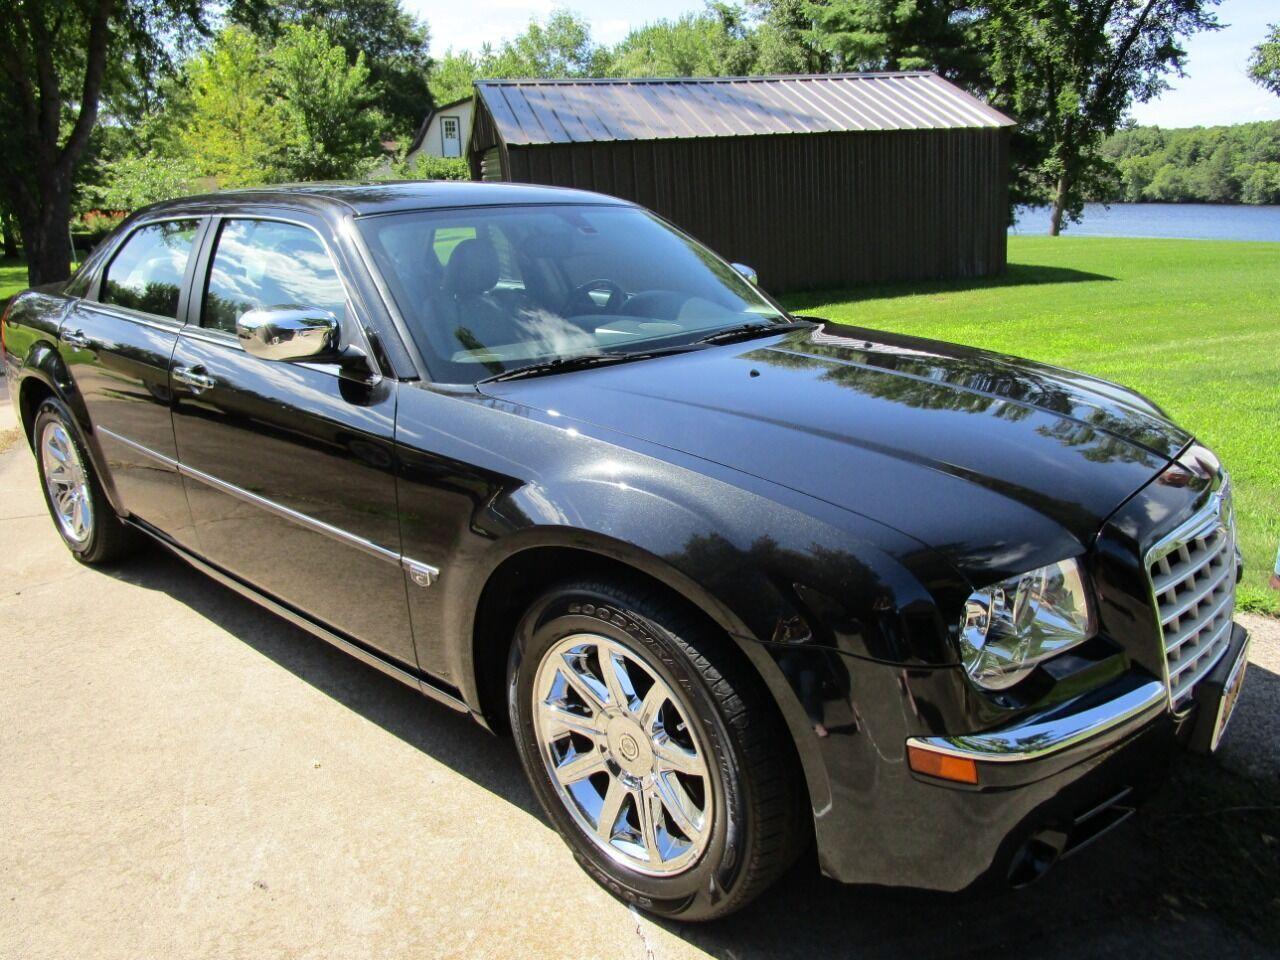 2006 Chrysler 300 89